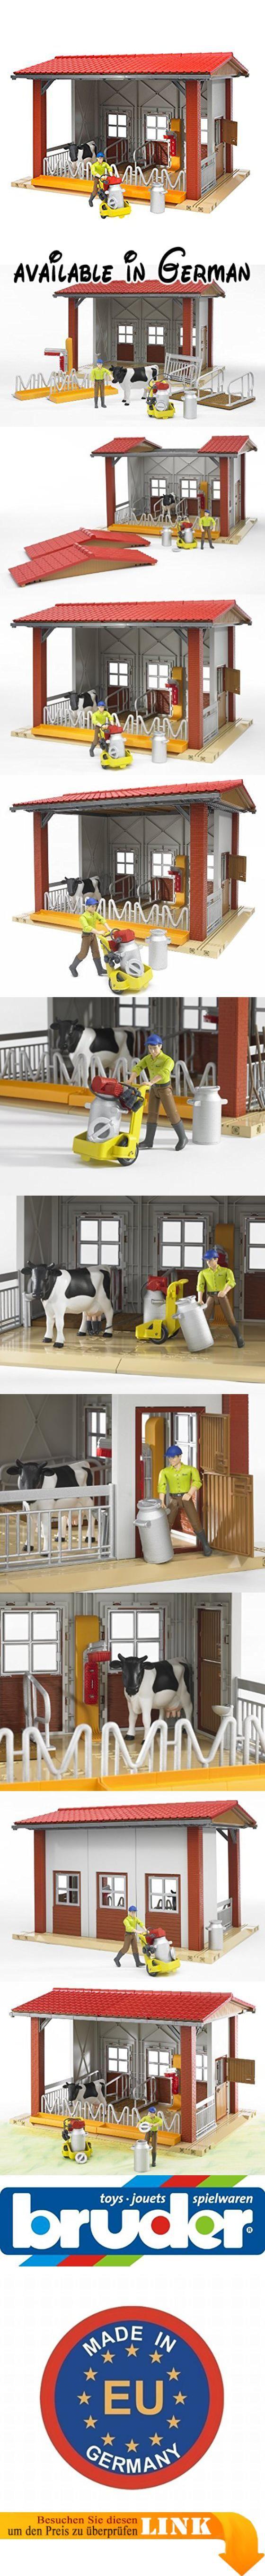 Bruder 62621 - Kuhstall mit Melkmaschine, Kuh und Figur. Gebäude ...